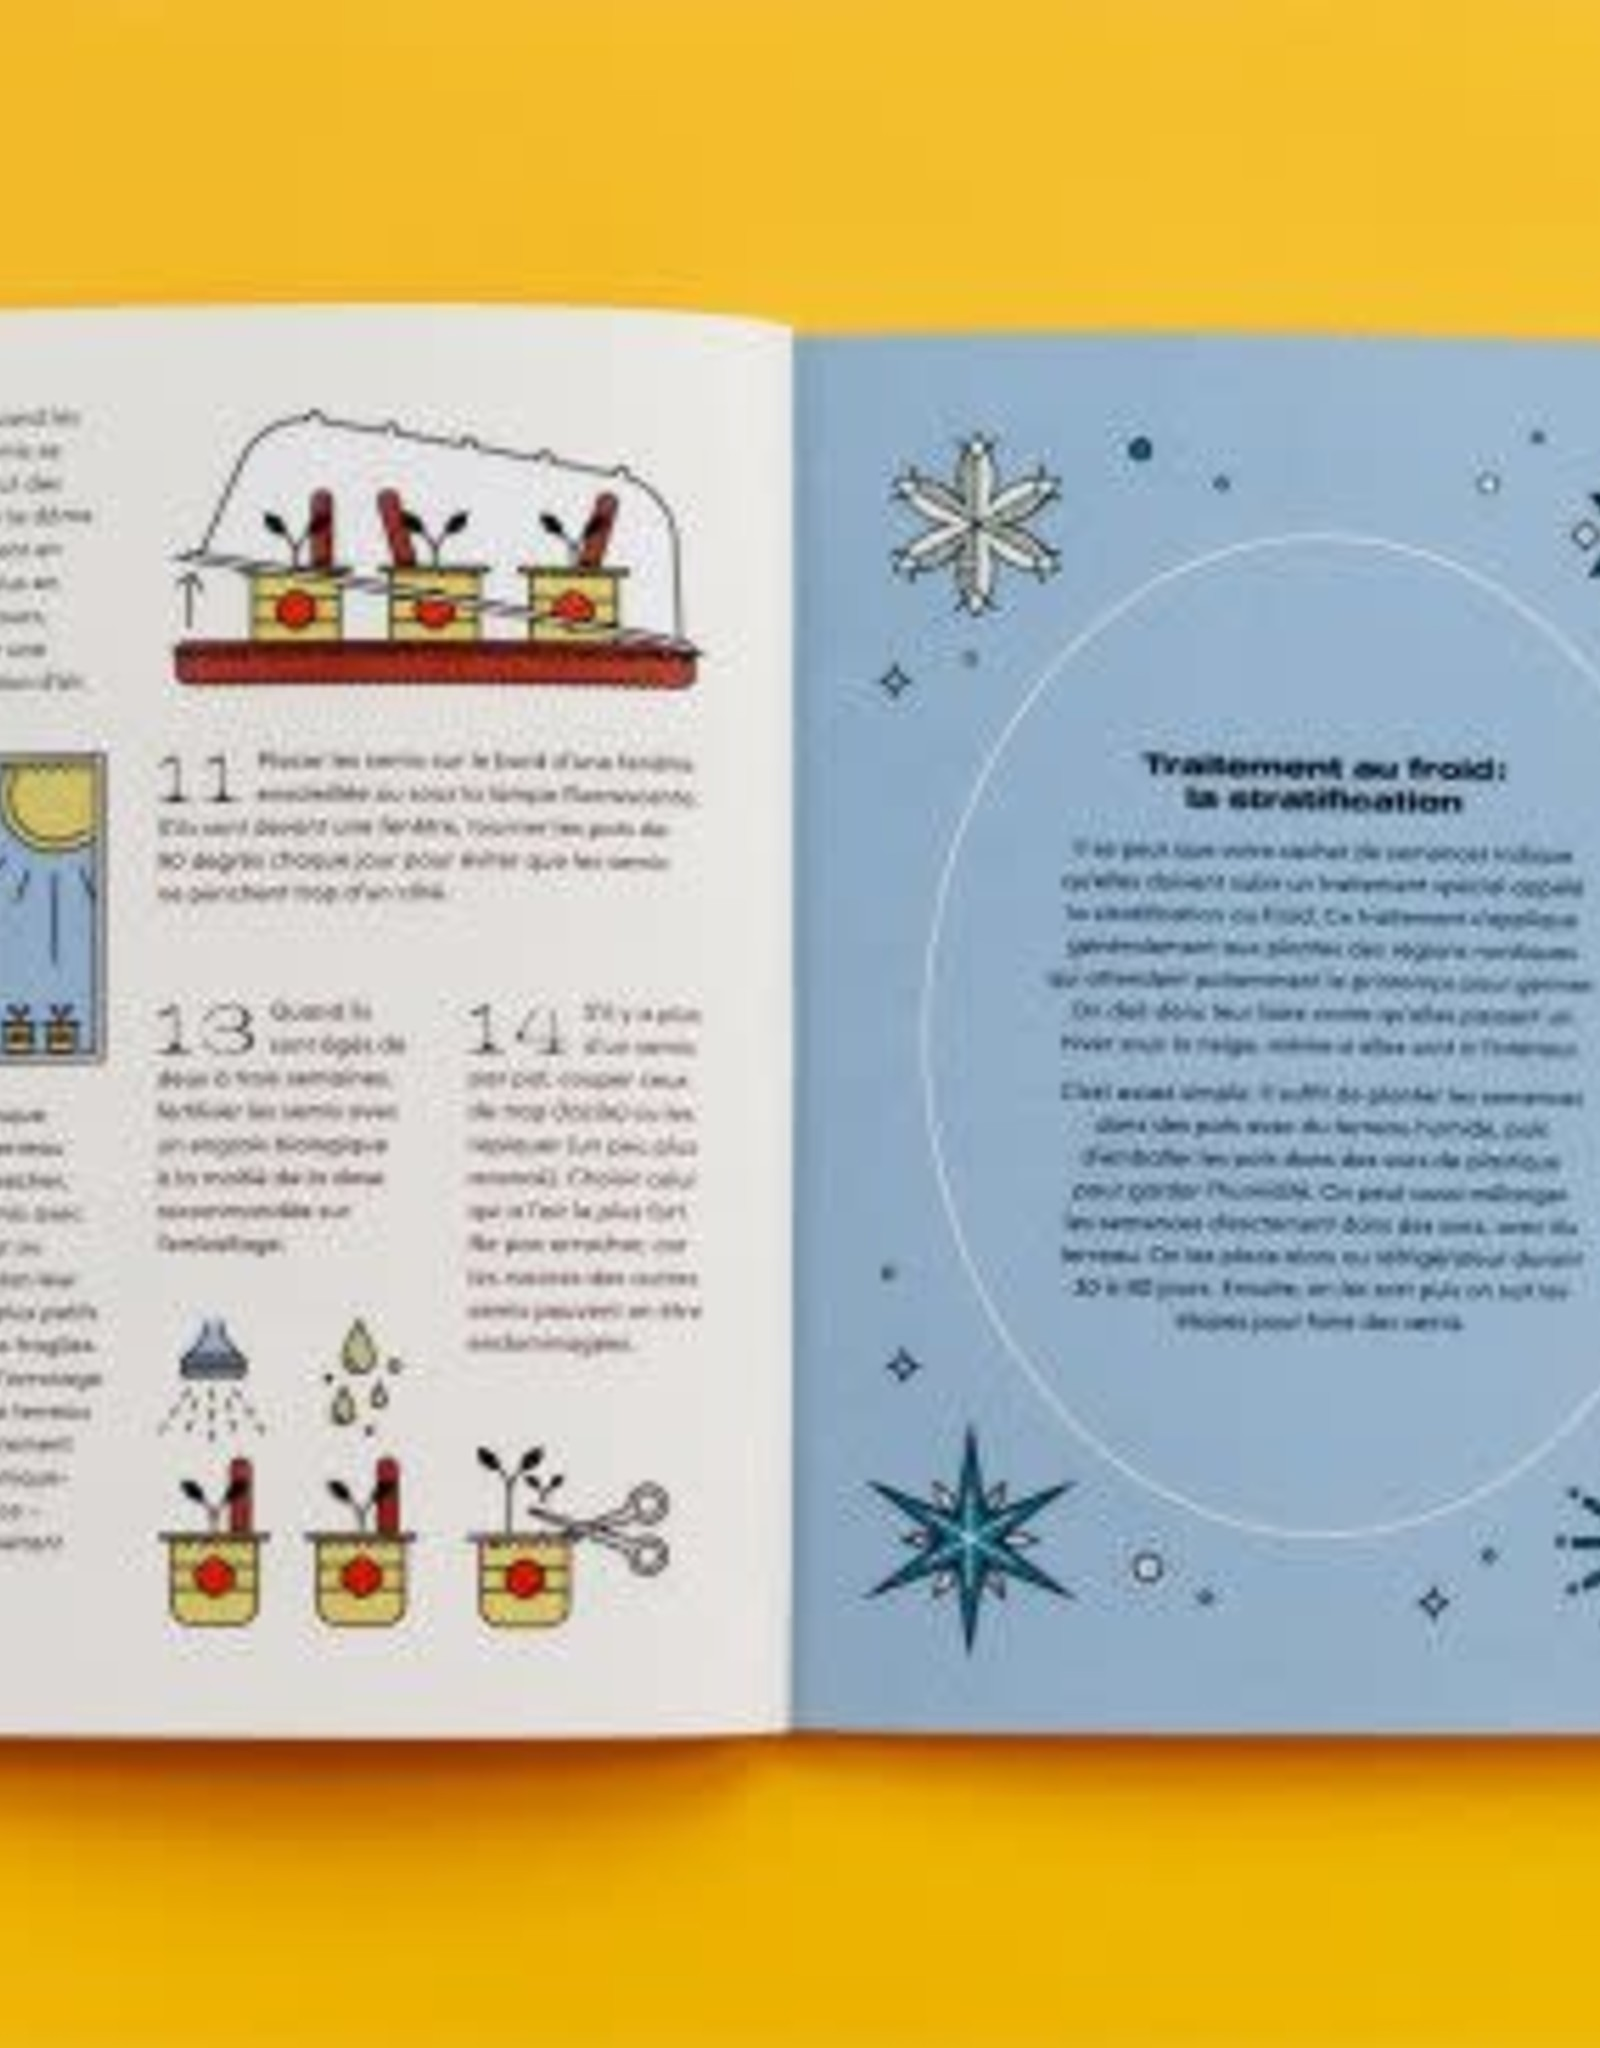 Nutritionniste Urbain Petit guide illustré du potager